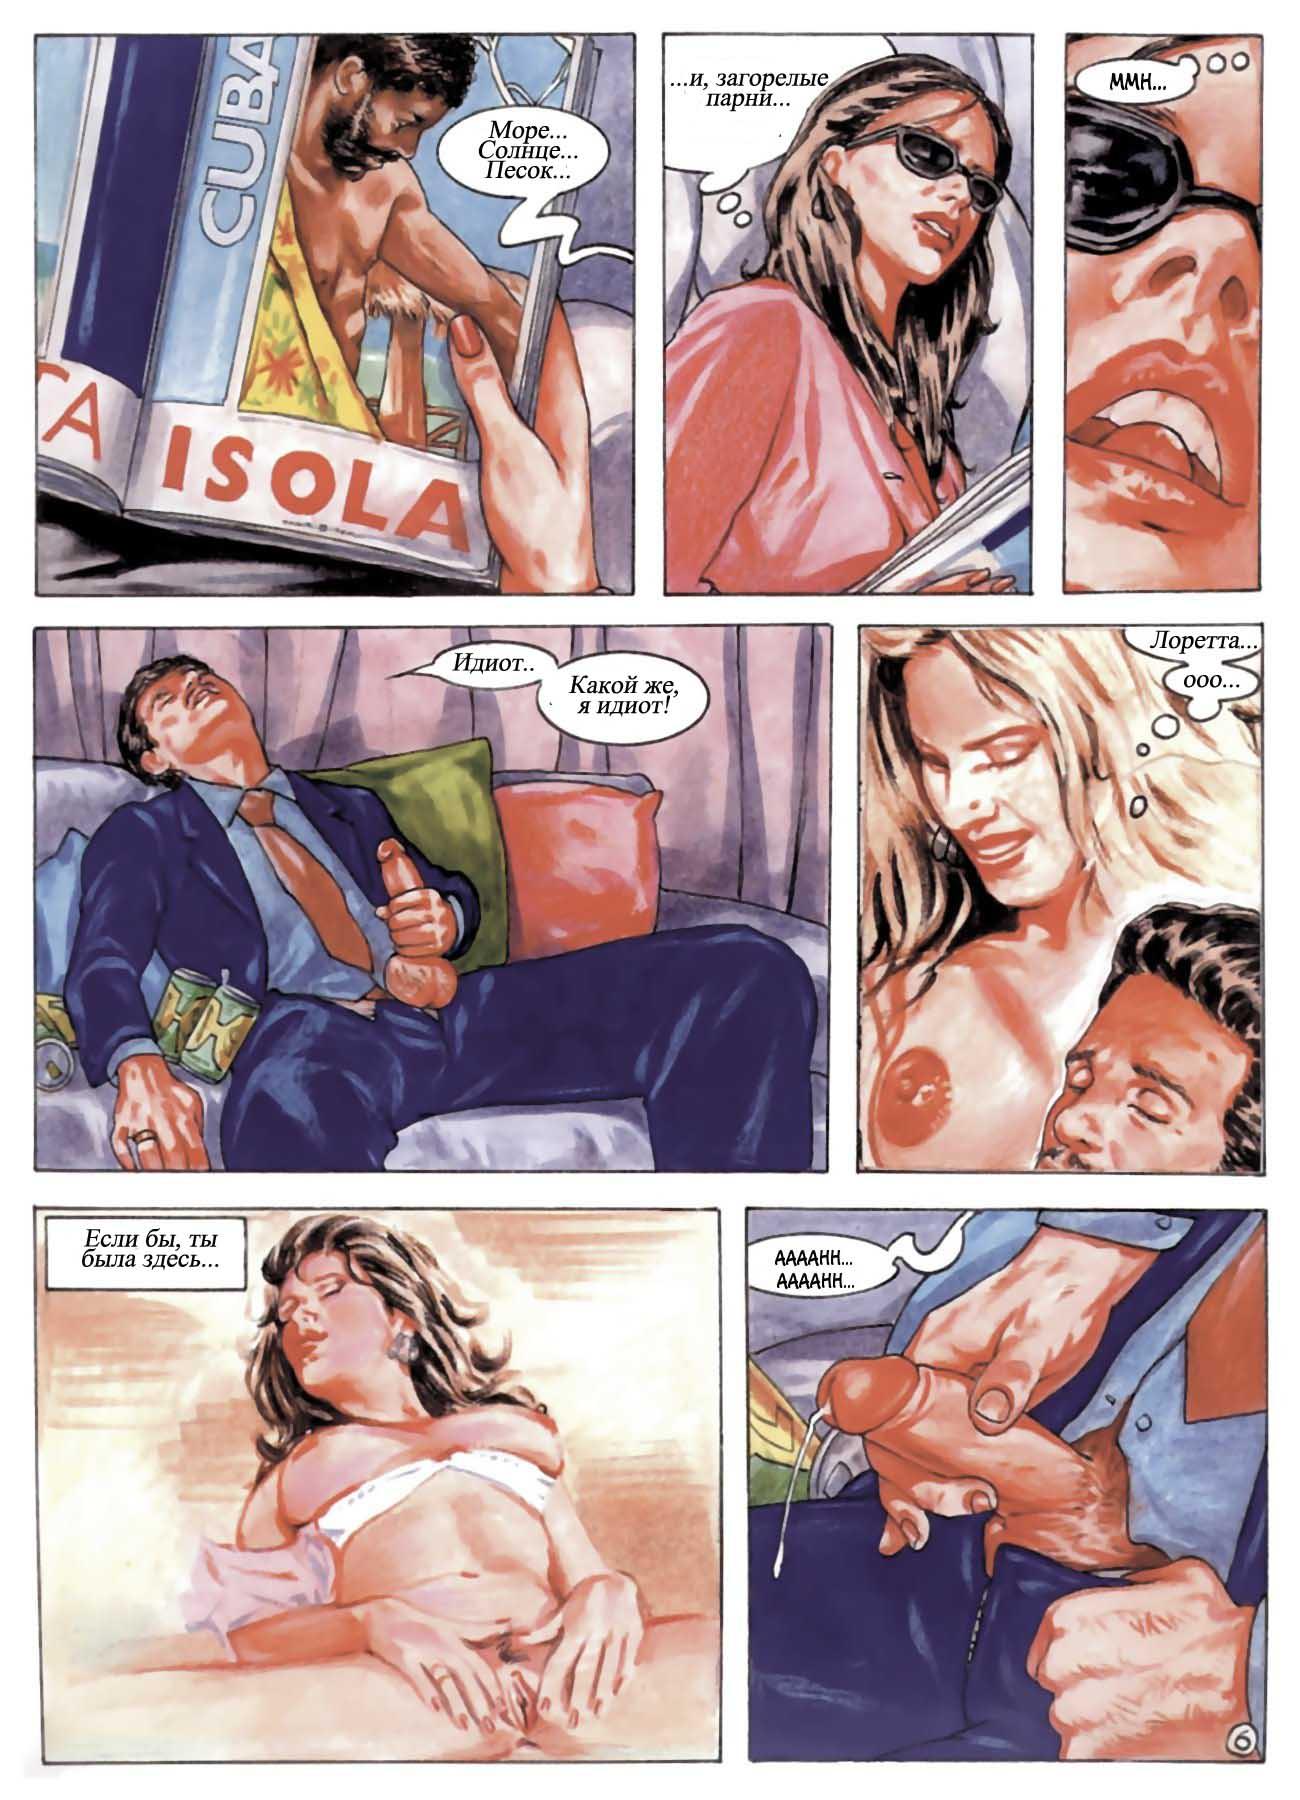 Порно диалог 2 людей читать